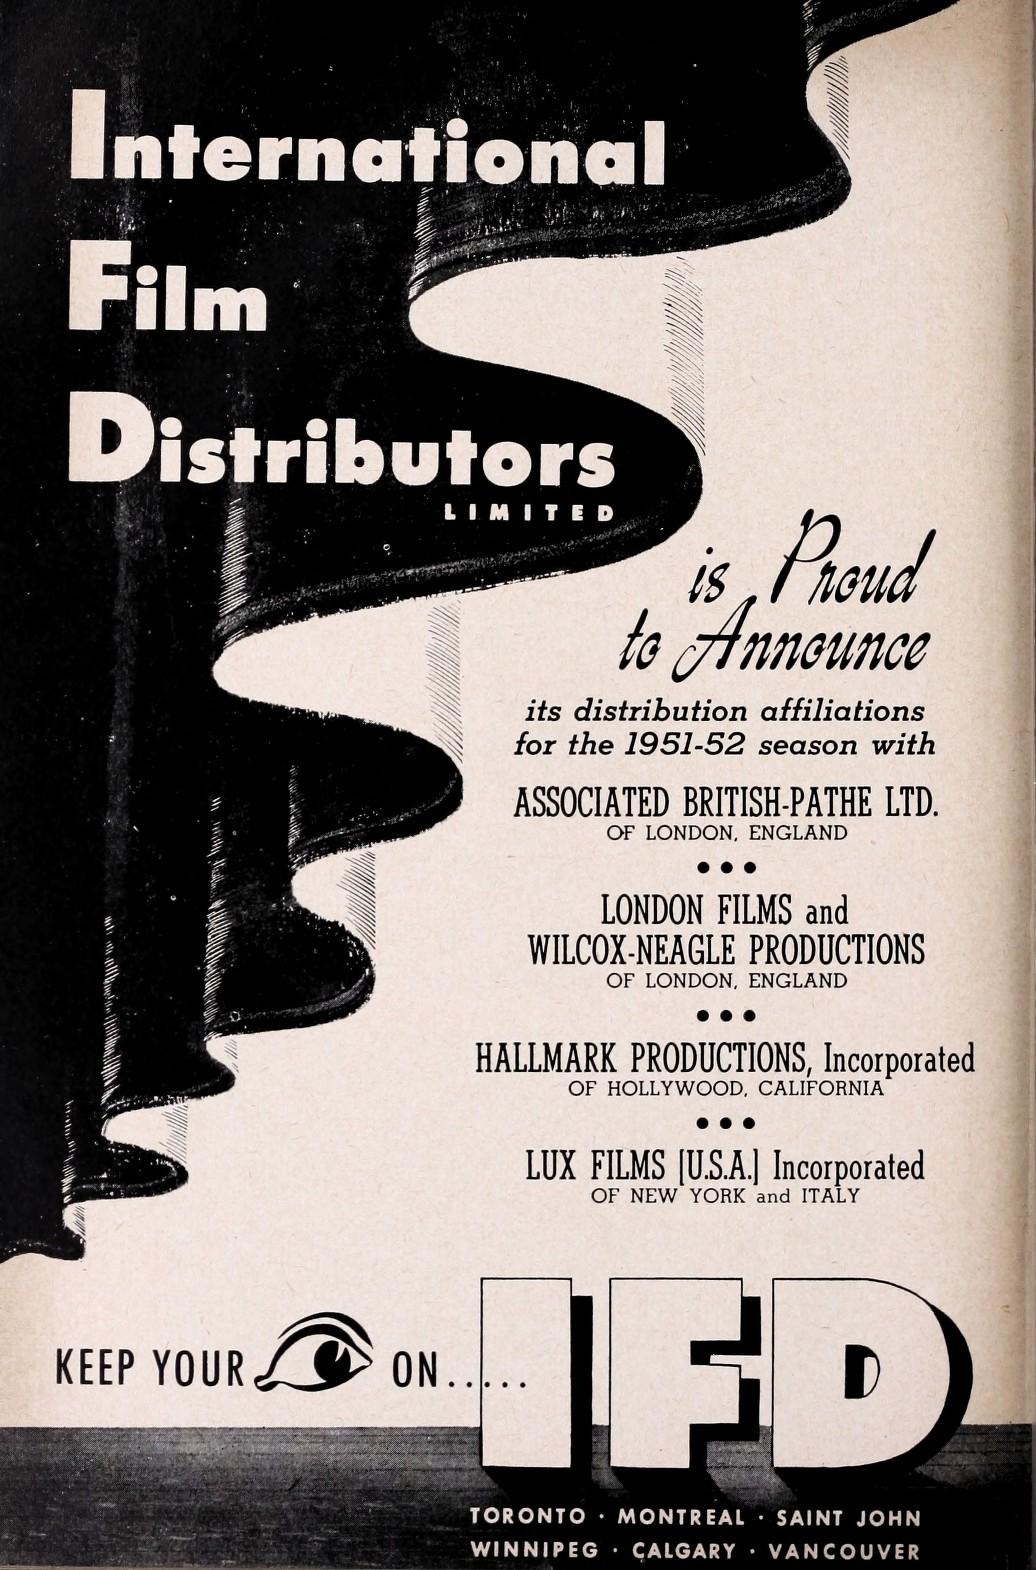 1951yearbookcana00film_jp2.zip&file=1951yearbookcana00film_jp2%2f1951yearbookcana00film_0112